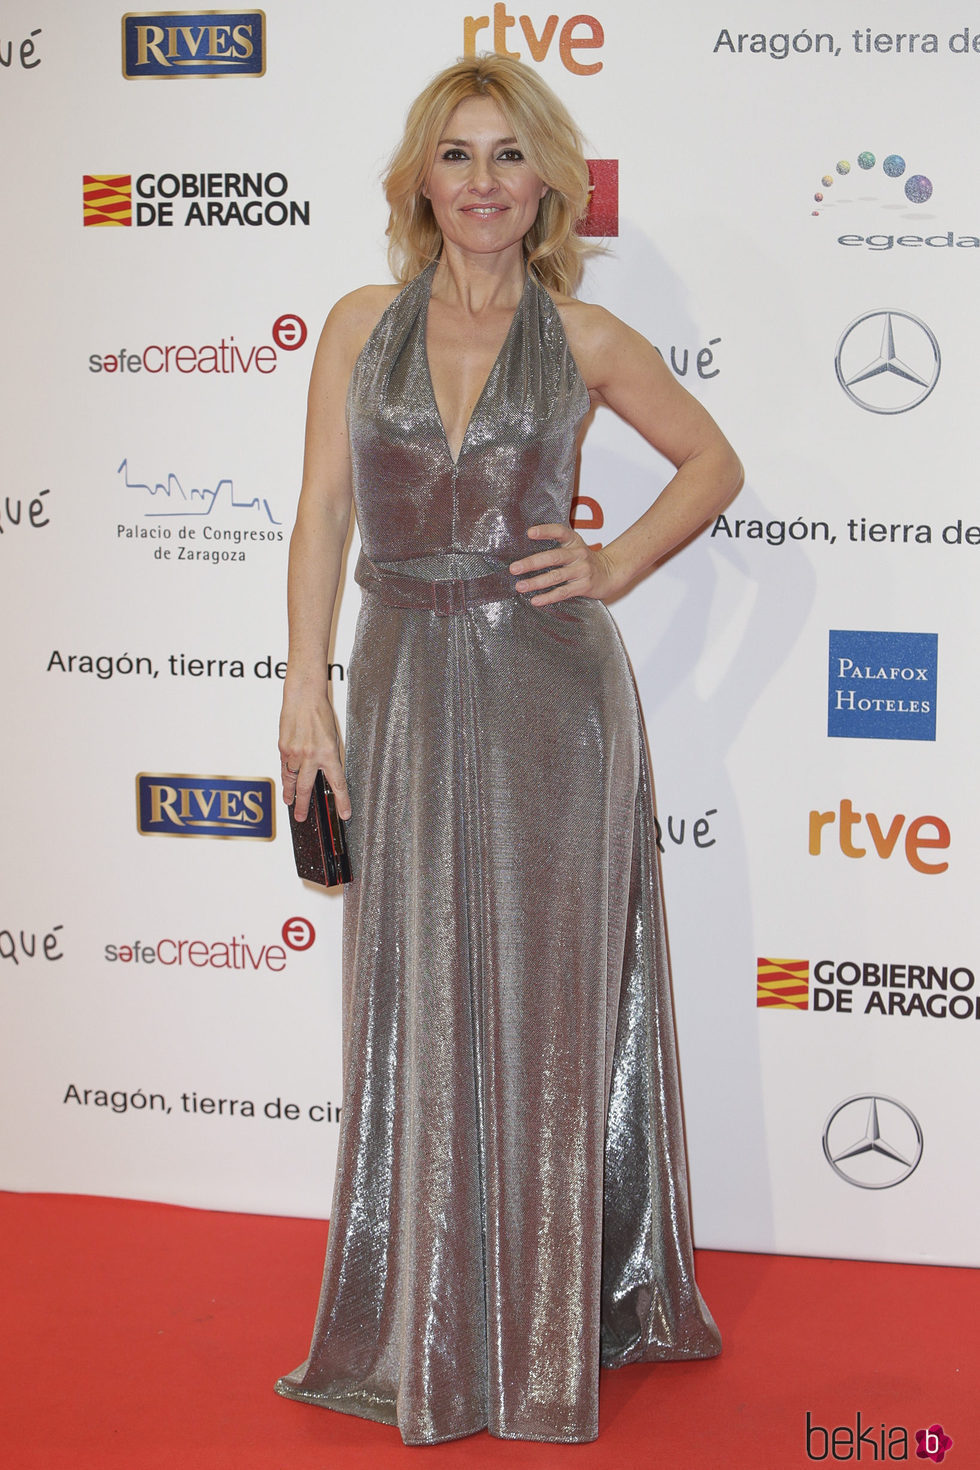 Cayetana Guillén Cuervo en la alfombra roja de los Premios Forqué 2018